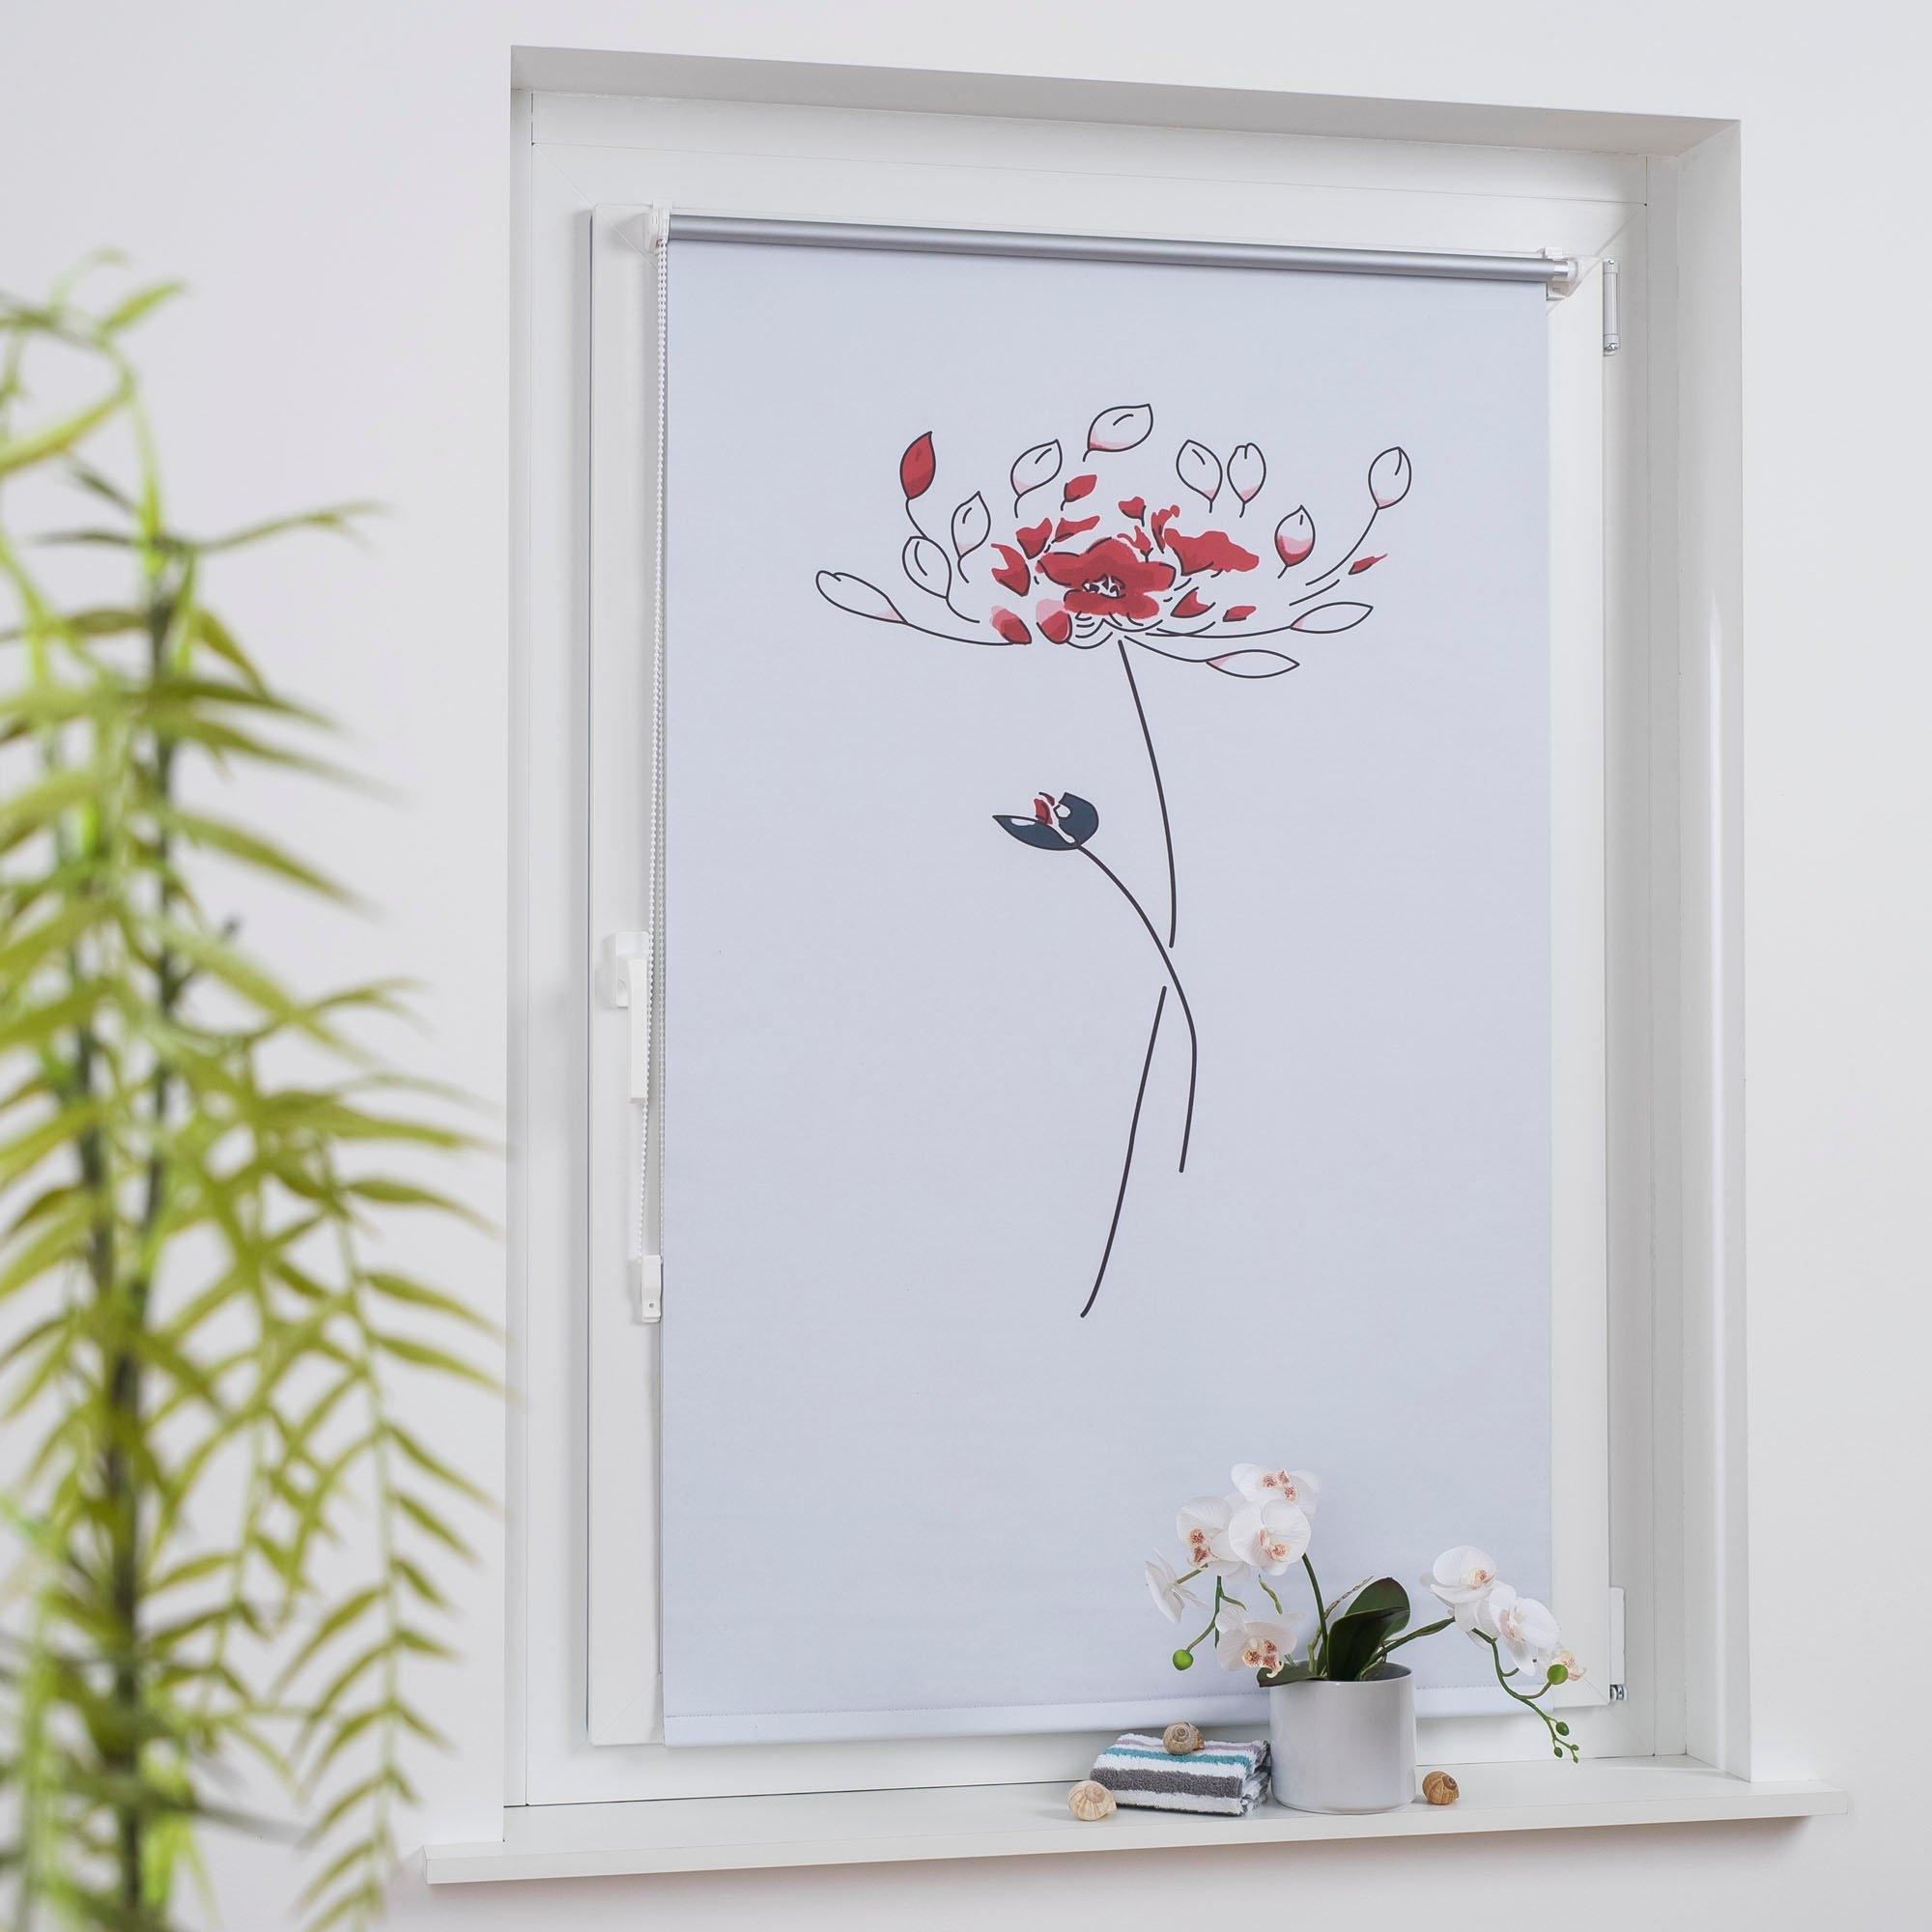 Liedeco rolgordijn met zijbediening Printdesign bloem Klemmfix Rollo Design Bloem (1 stuk) nu online bestellen